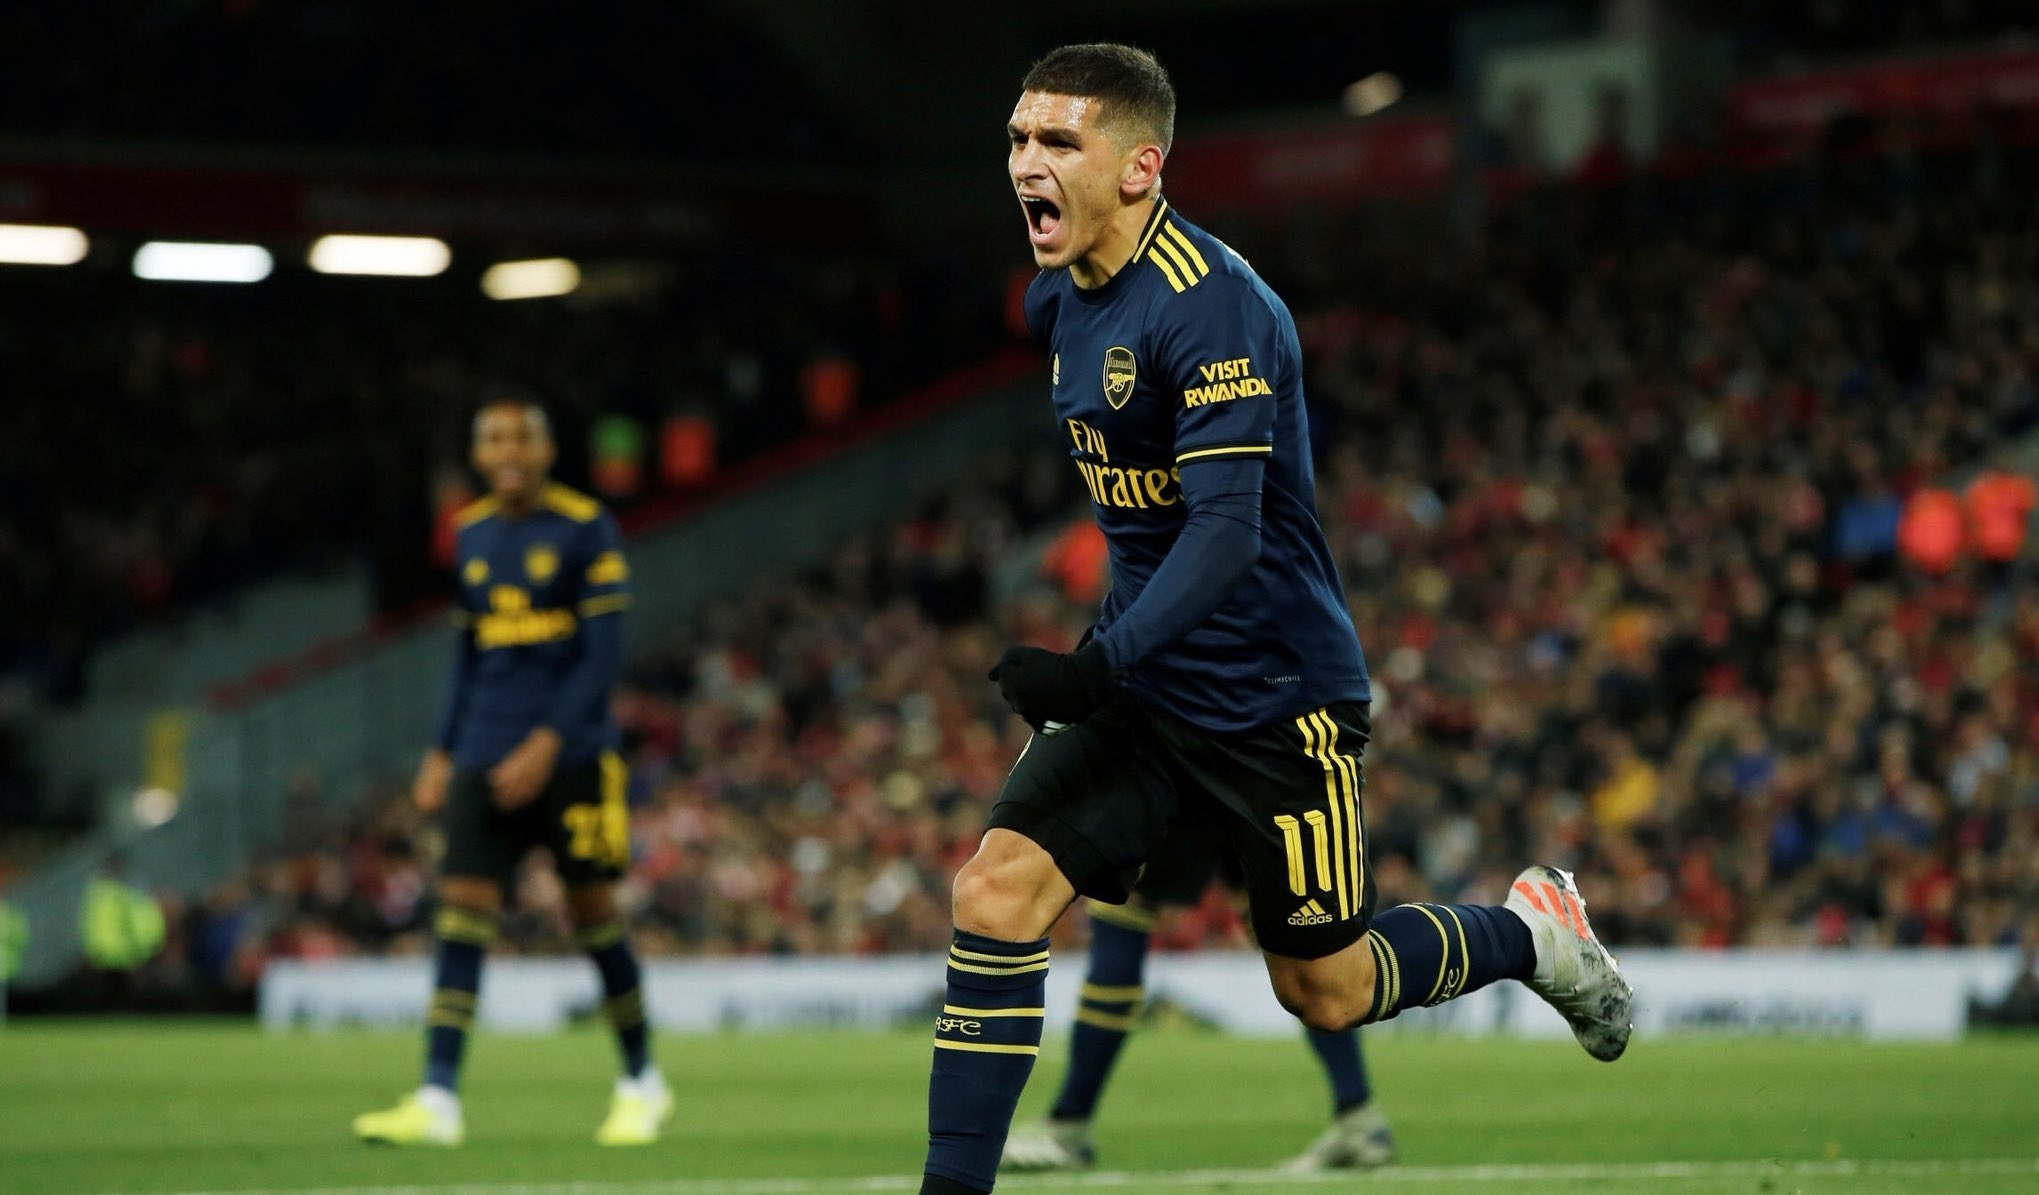 Наполи проявява интерес към полузащитника на Арсенал Лукас Торейра, съобщава